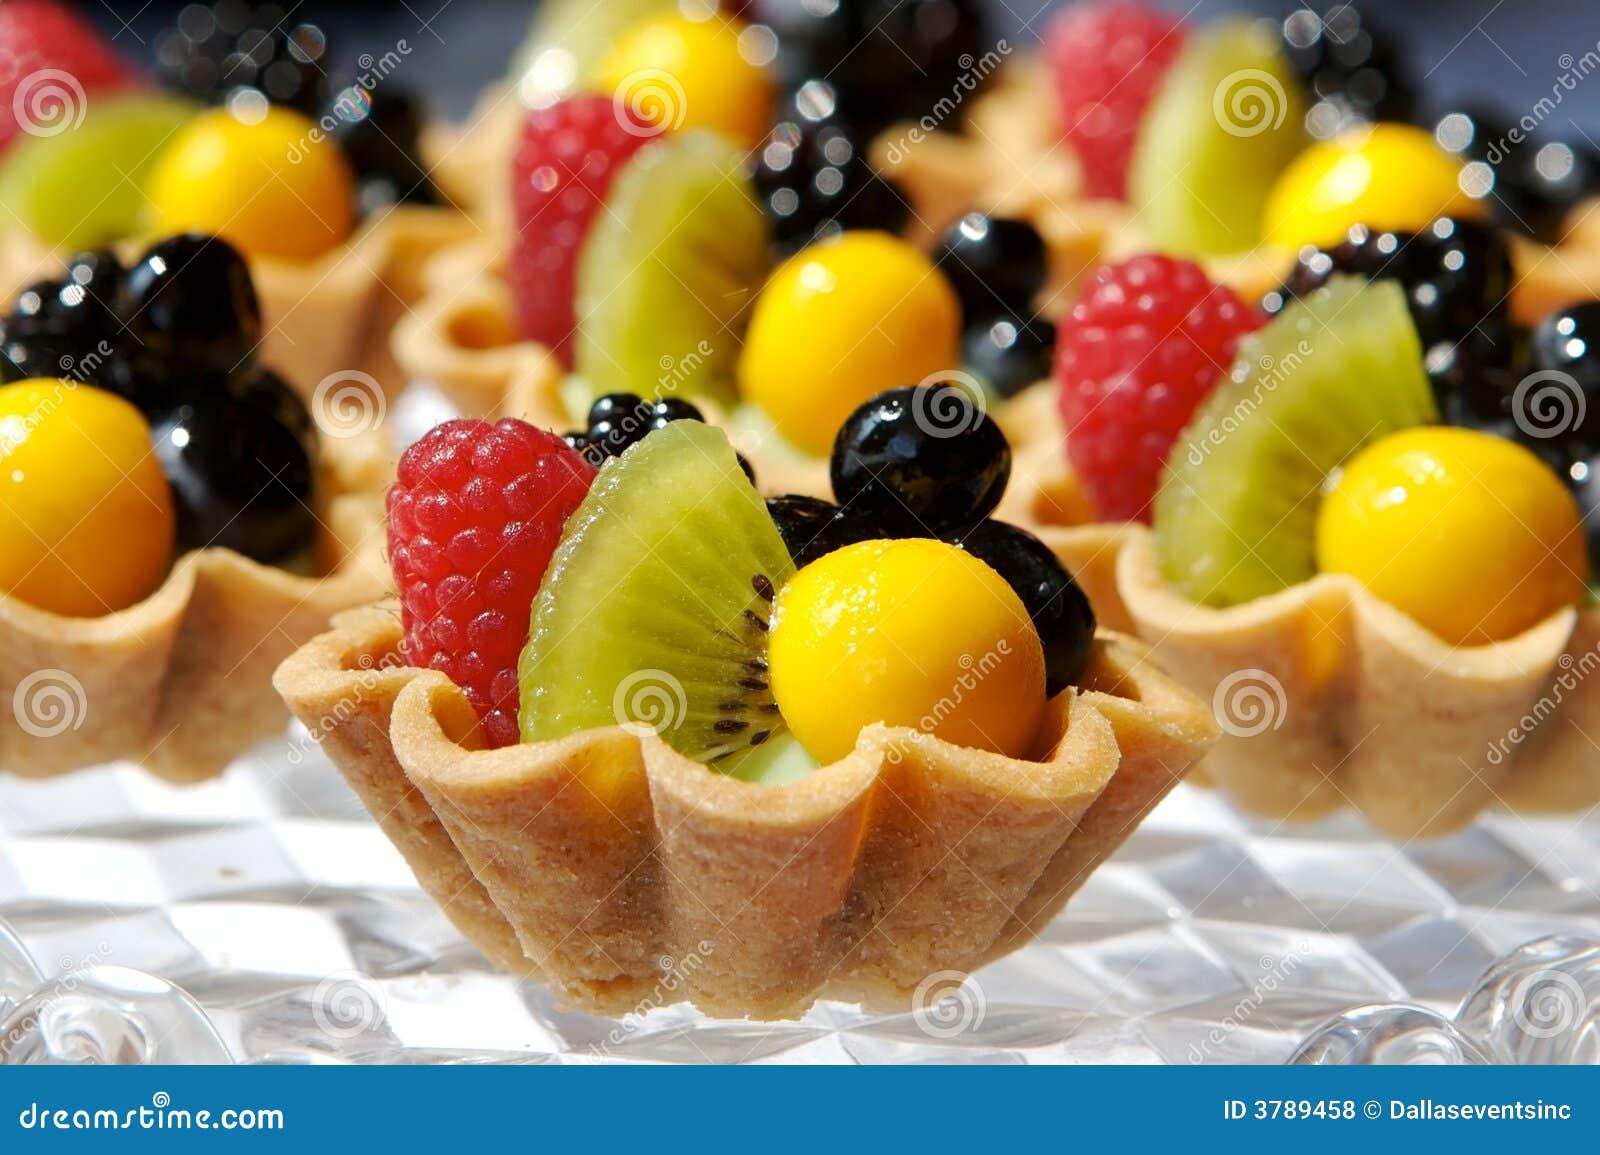 Fruit Cake Phot Free Stock